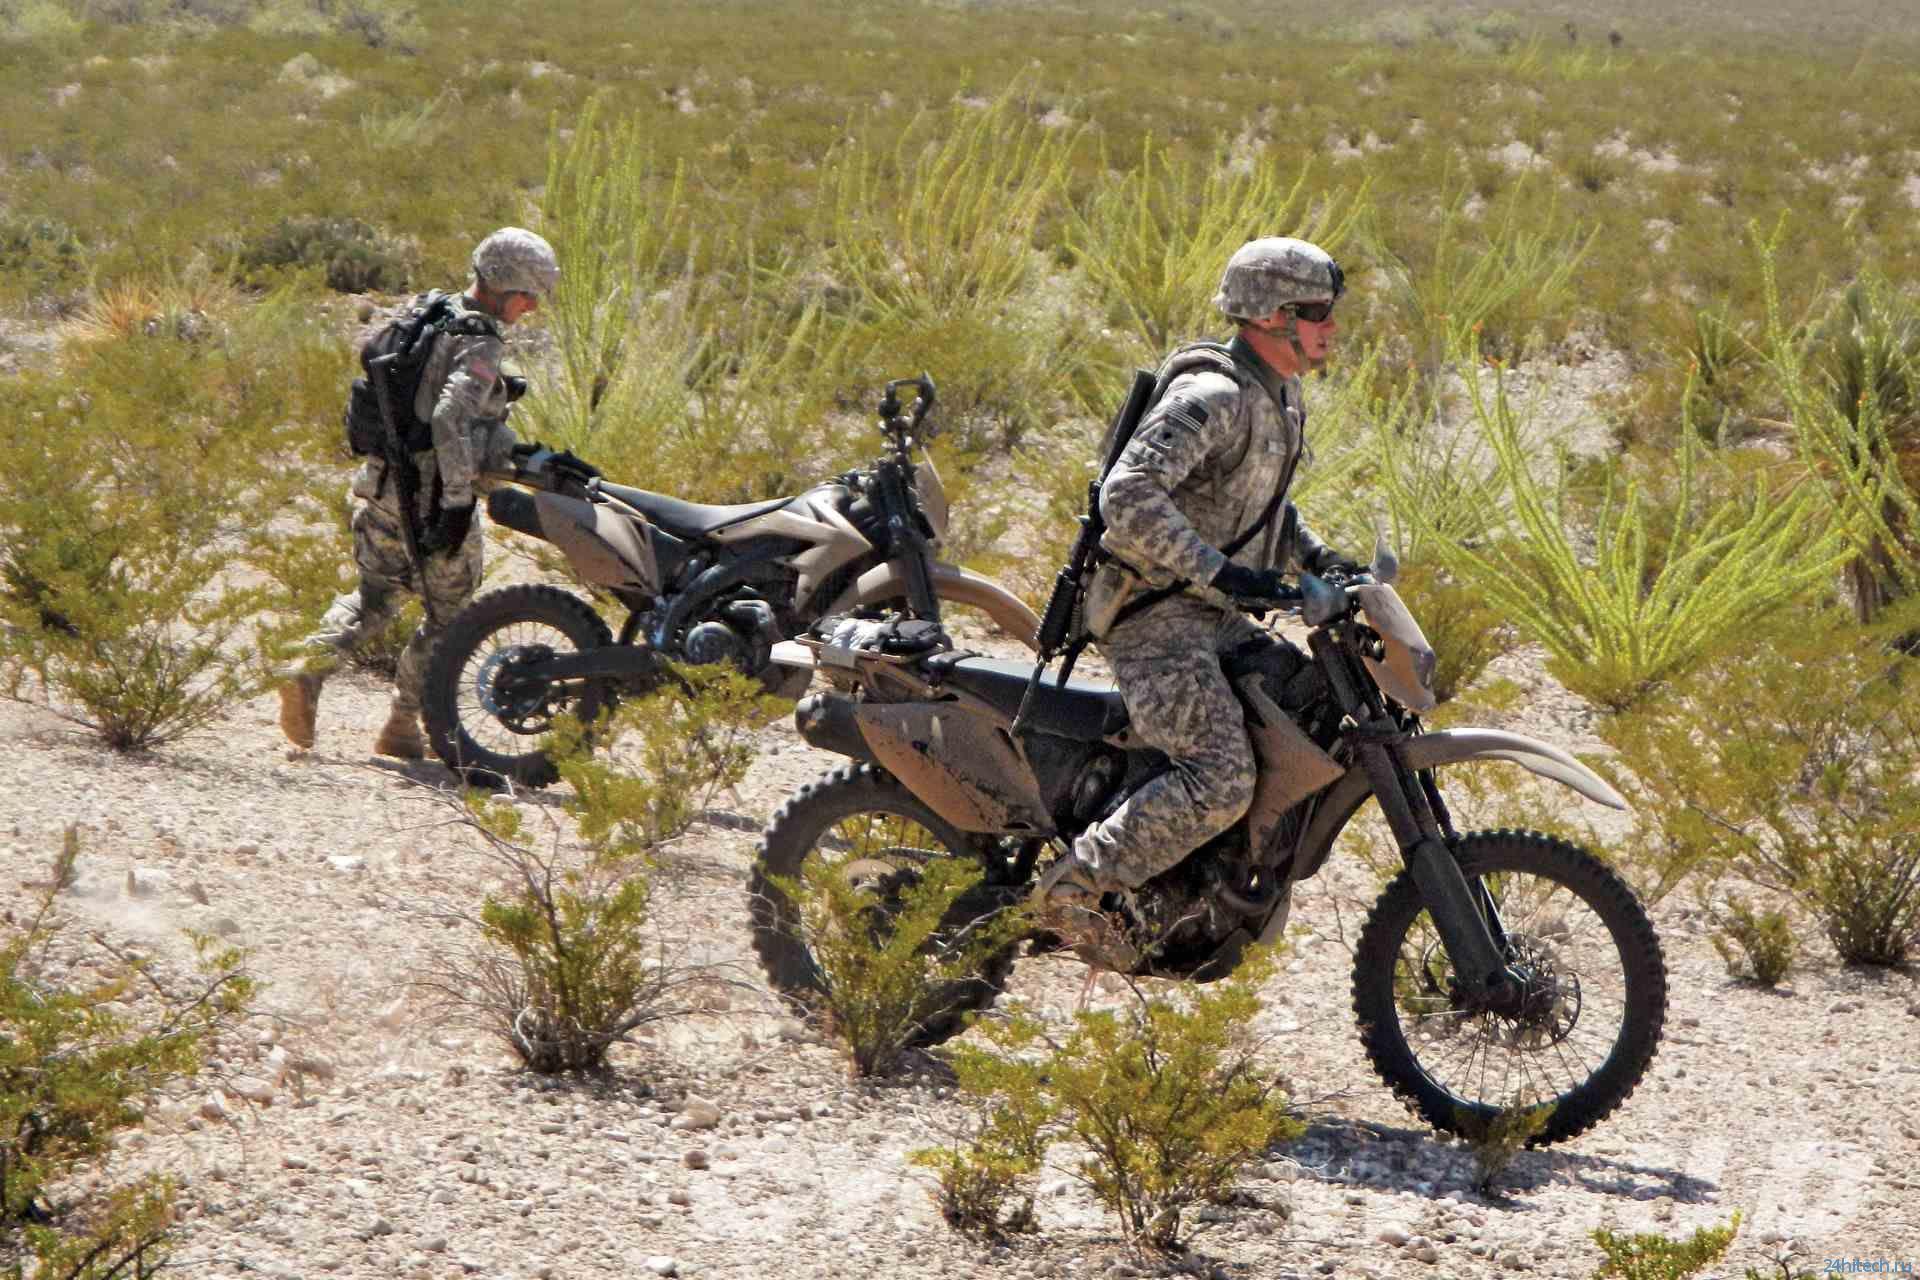 DARPA займётся созданием бесшумного гибридного мотоцикла для американских военных